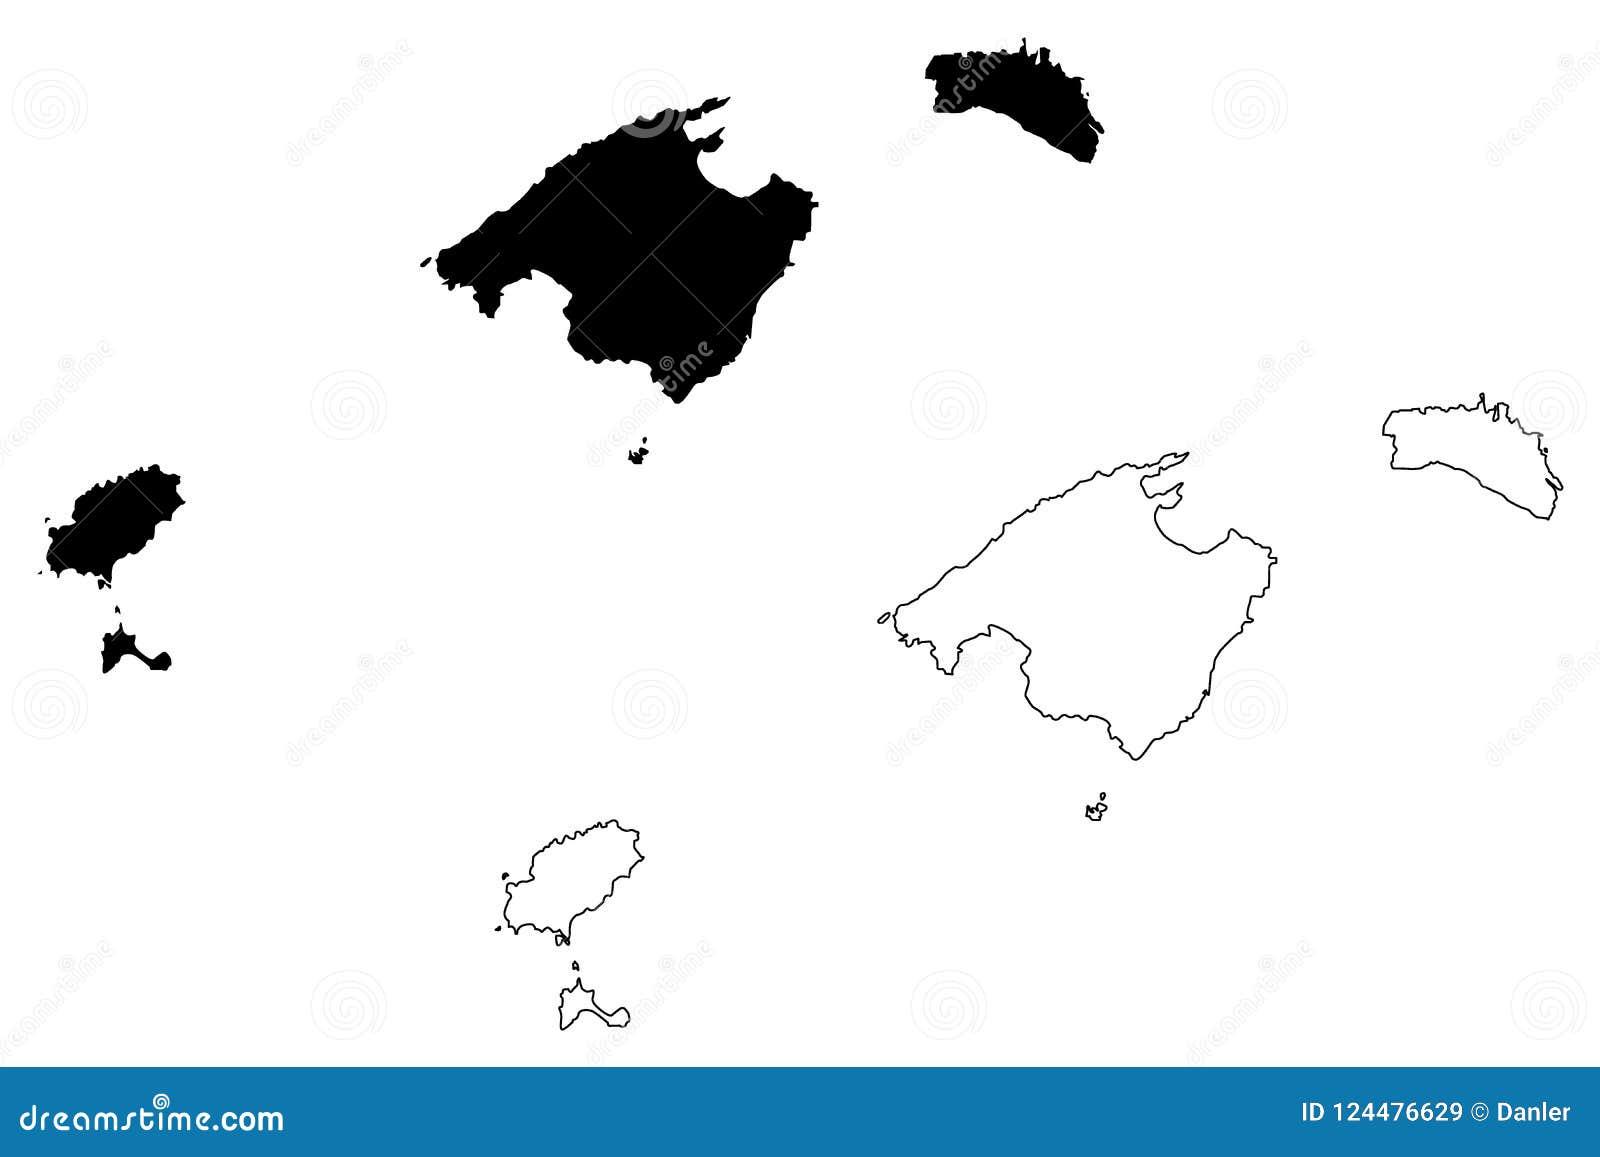 Cartina Geografica Spagna E Formentera.Vettore Della Mappa Delle Isole Baleari Illustrazione Vettoriale Illustrazione Di Autonomia Continente 124476629